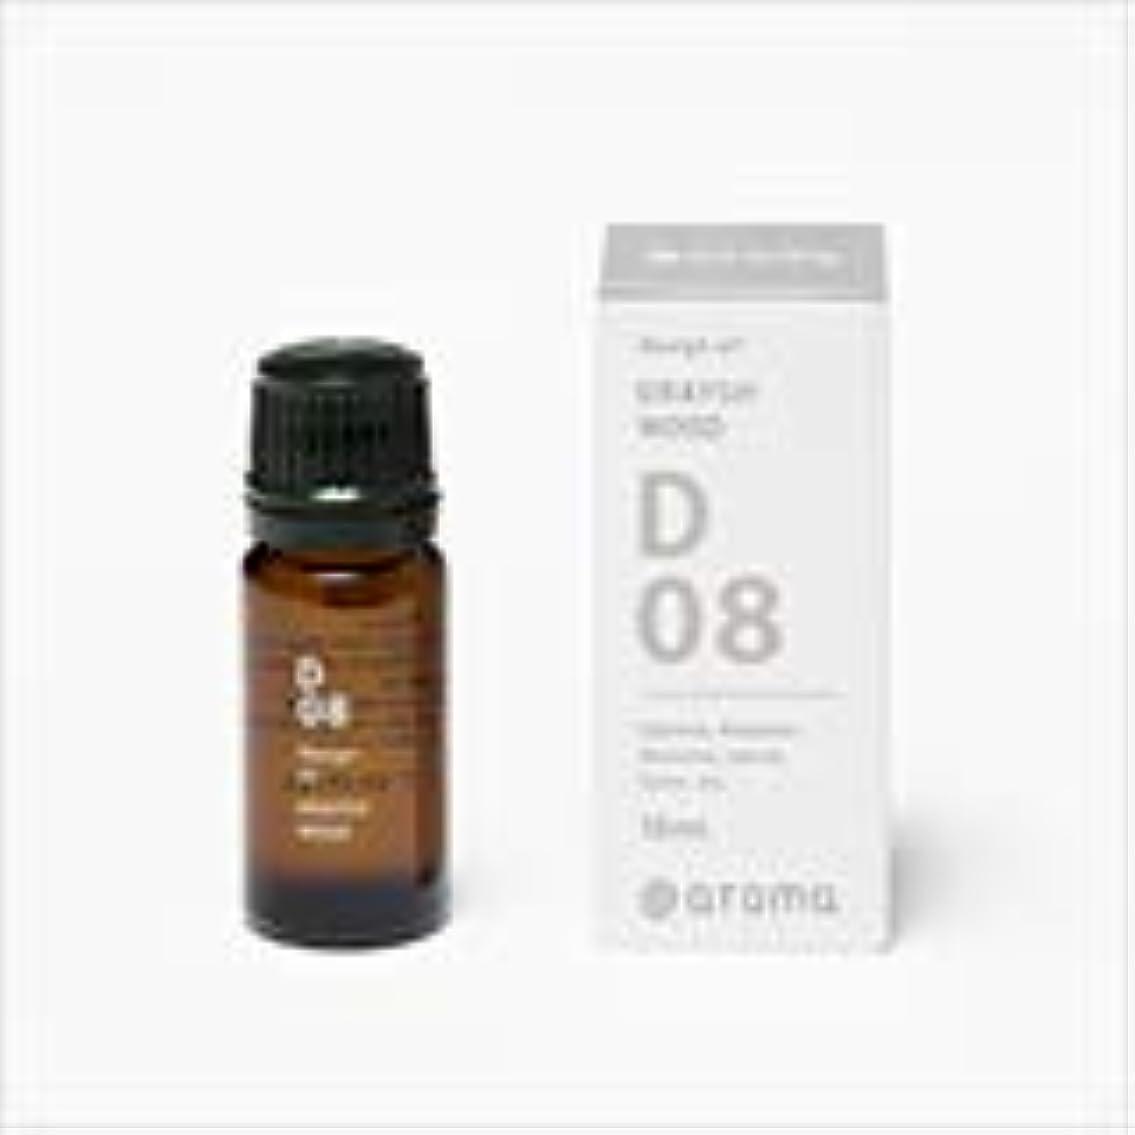 くつろぎカップナインへアットアロマ 100%pure essential oil <Design air ミスティーチャコール>